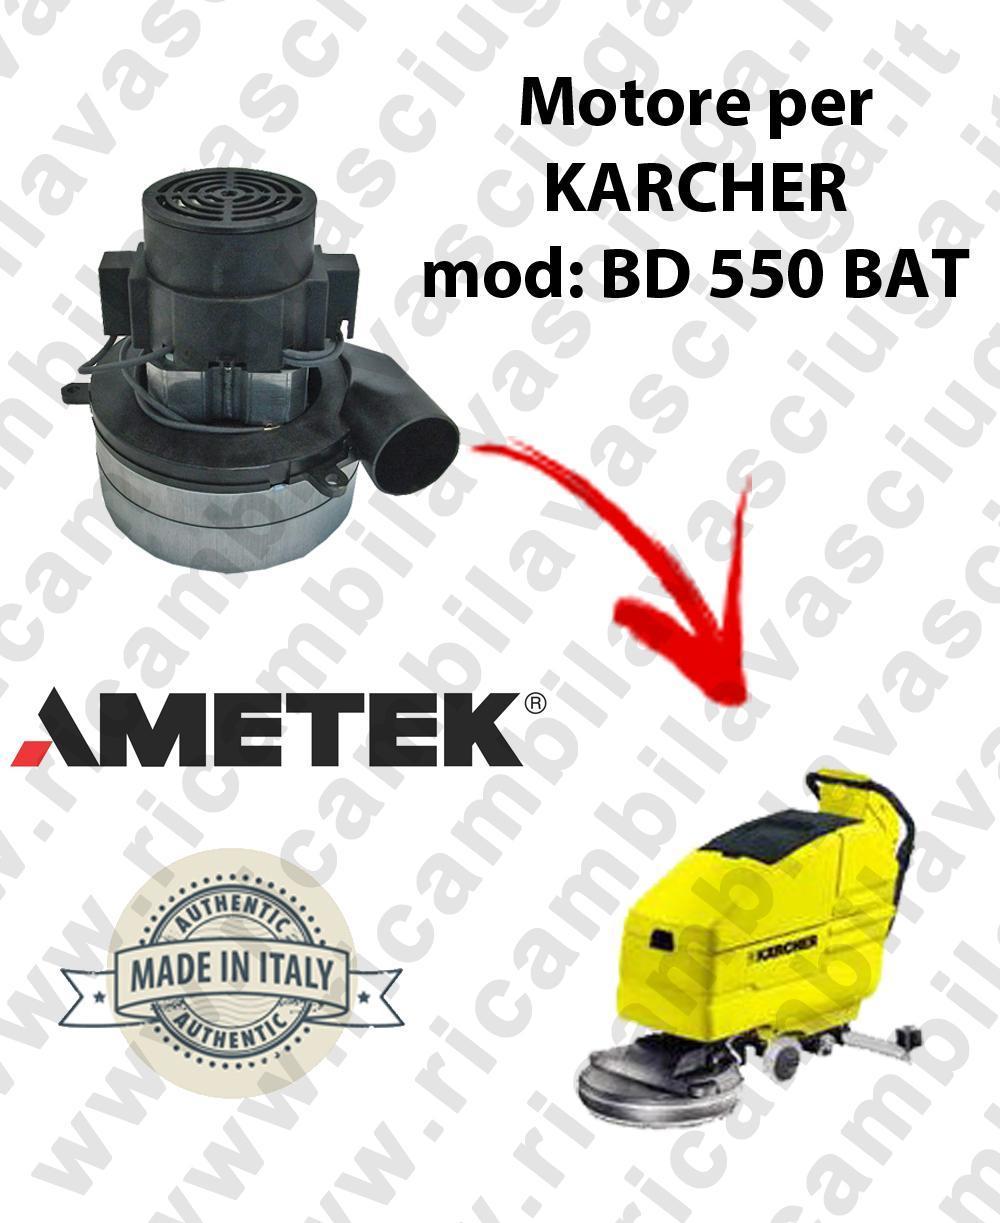 BD 550 Ametek vacuum motor for scrubber dryer KARCHER